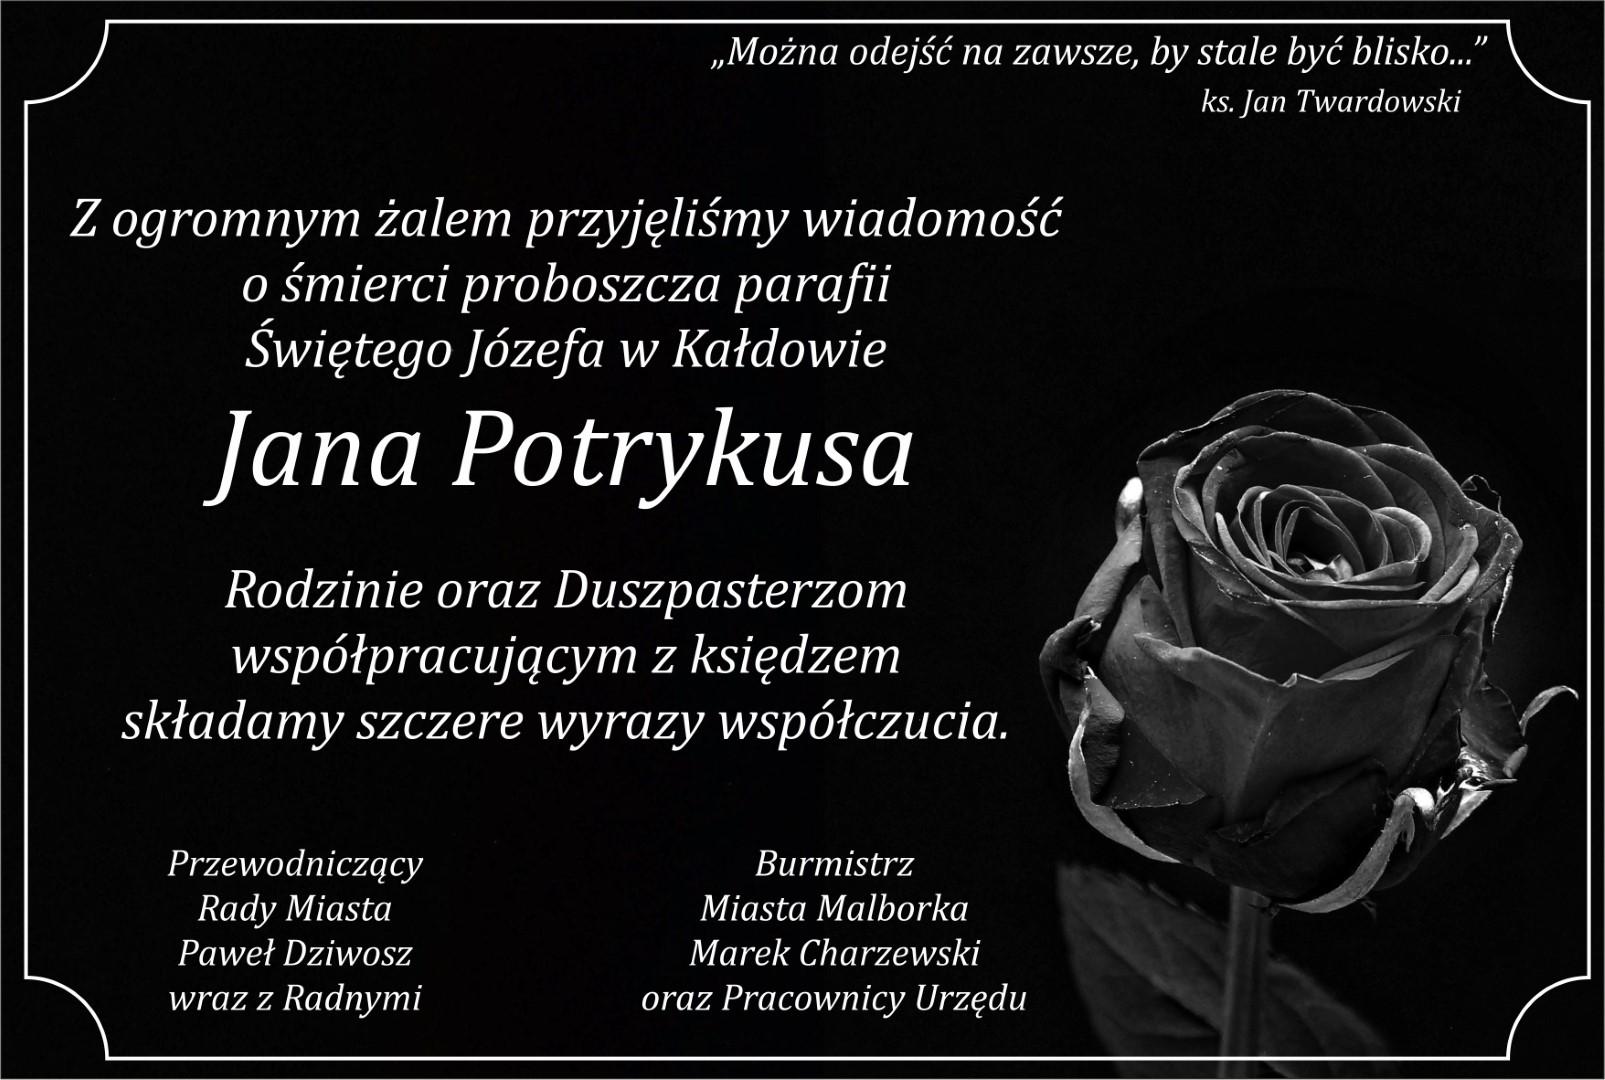 http://m.82-200.pl/2021/04/orig/kondolencje-2-7003.jpg